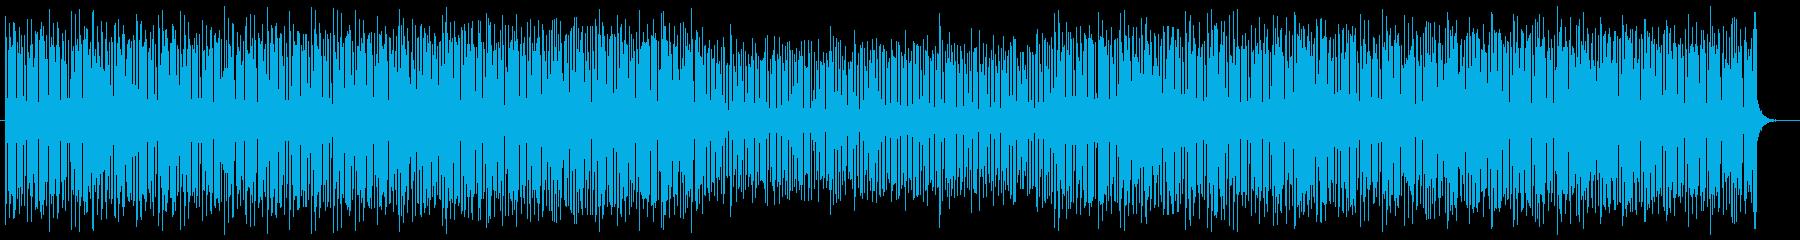 明るくおしゃれなシンセサイザーサウンドの再生済みの波形